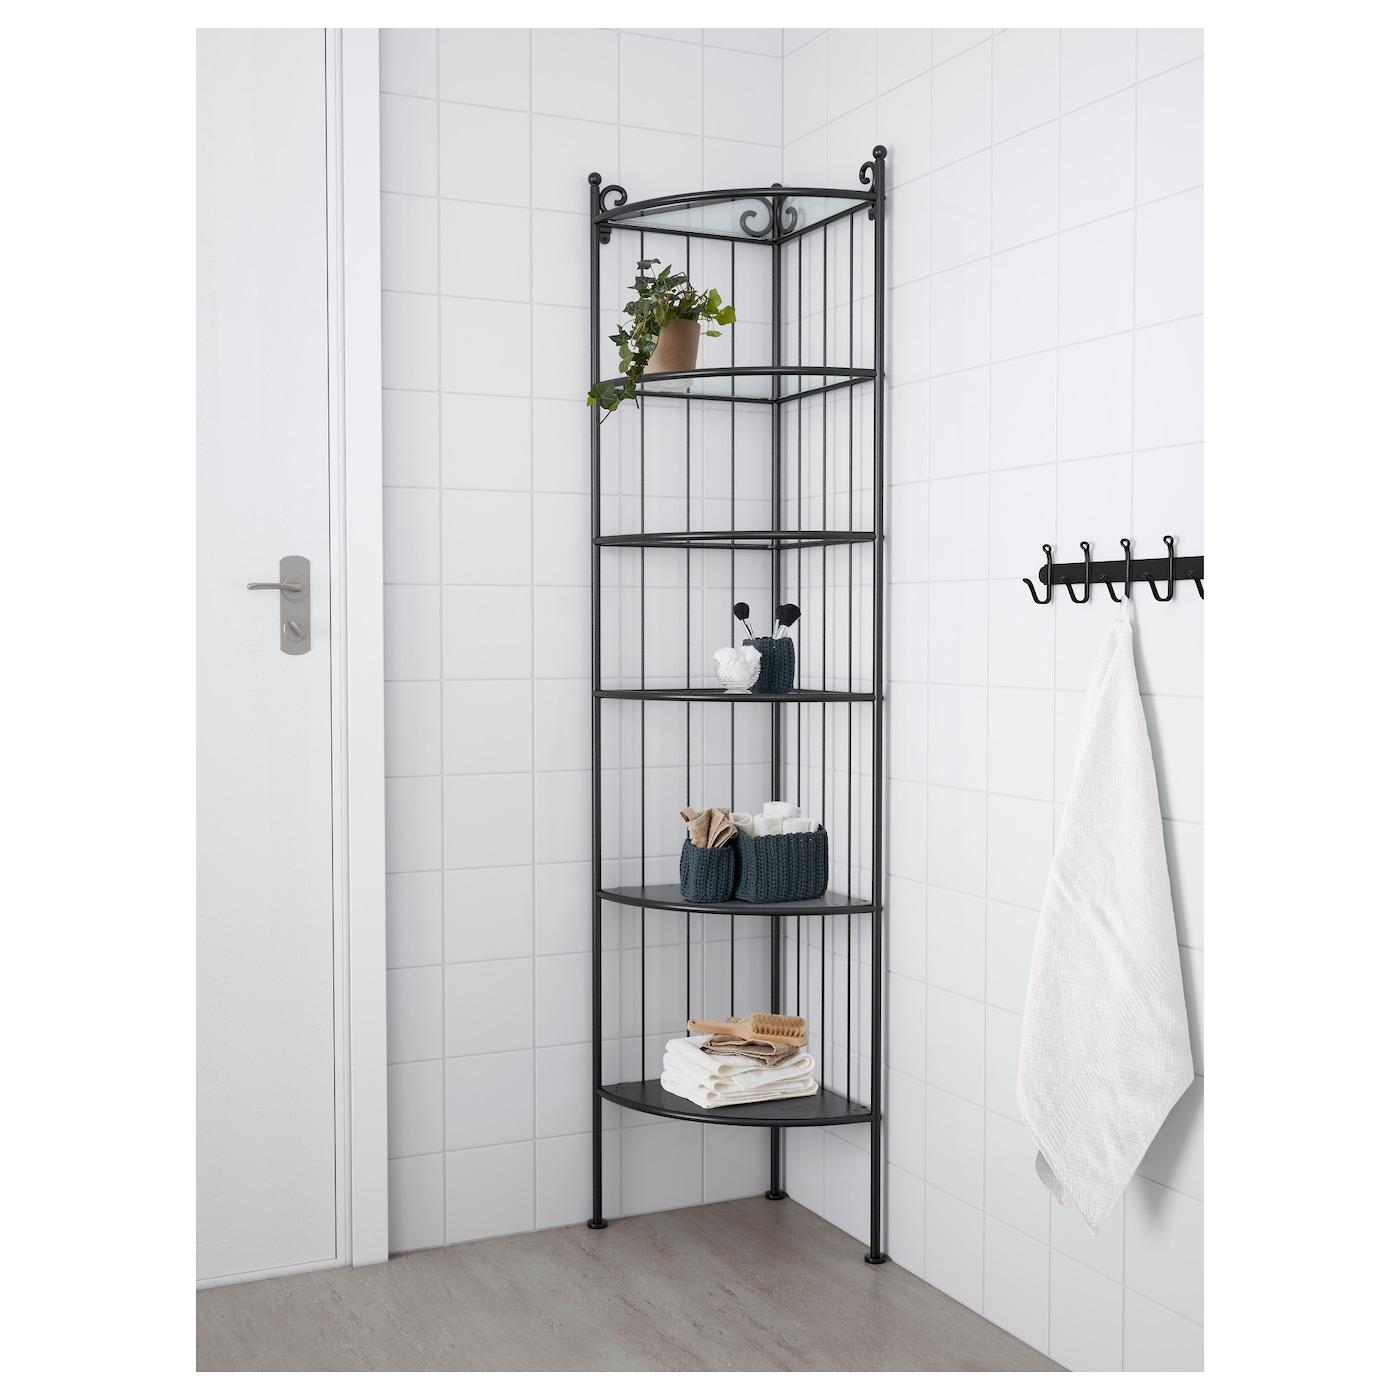 RÖNNSKÄR Corner shelf unit - black